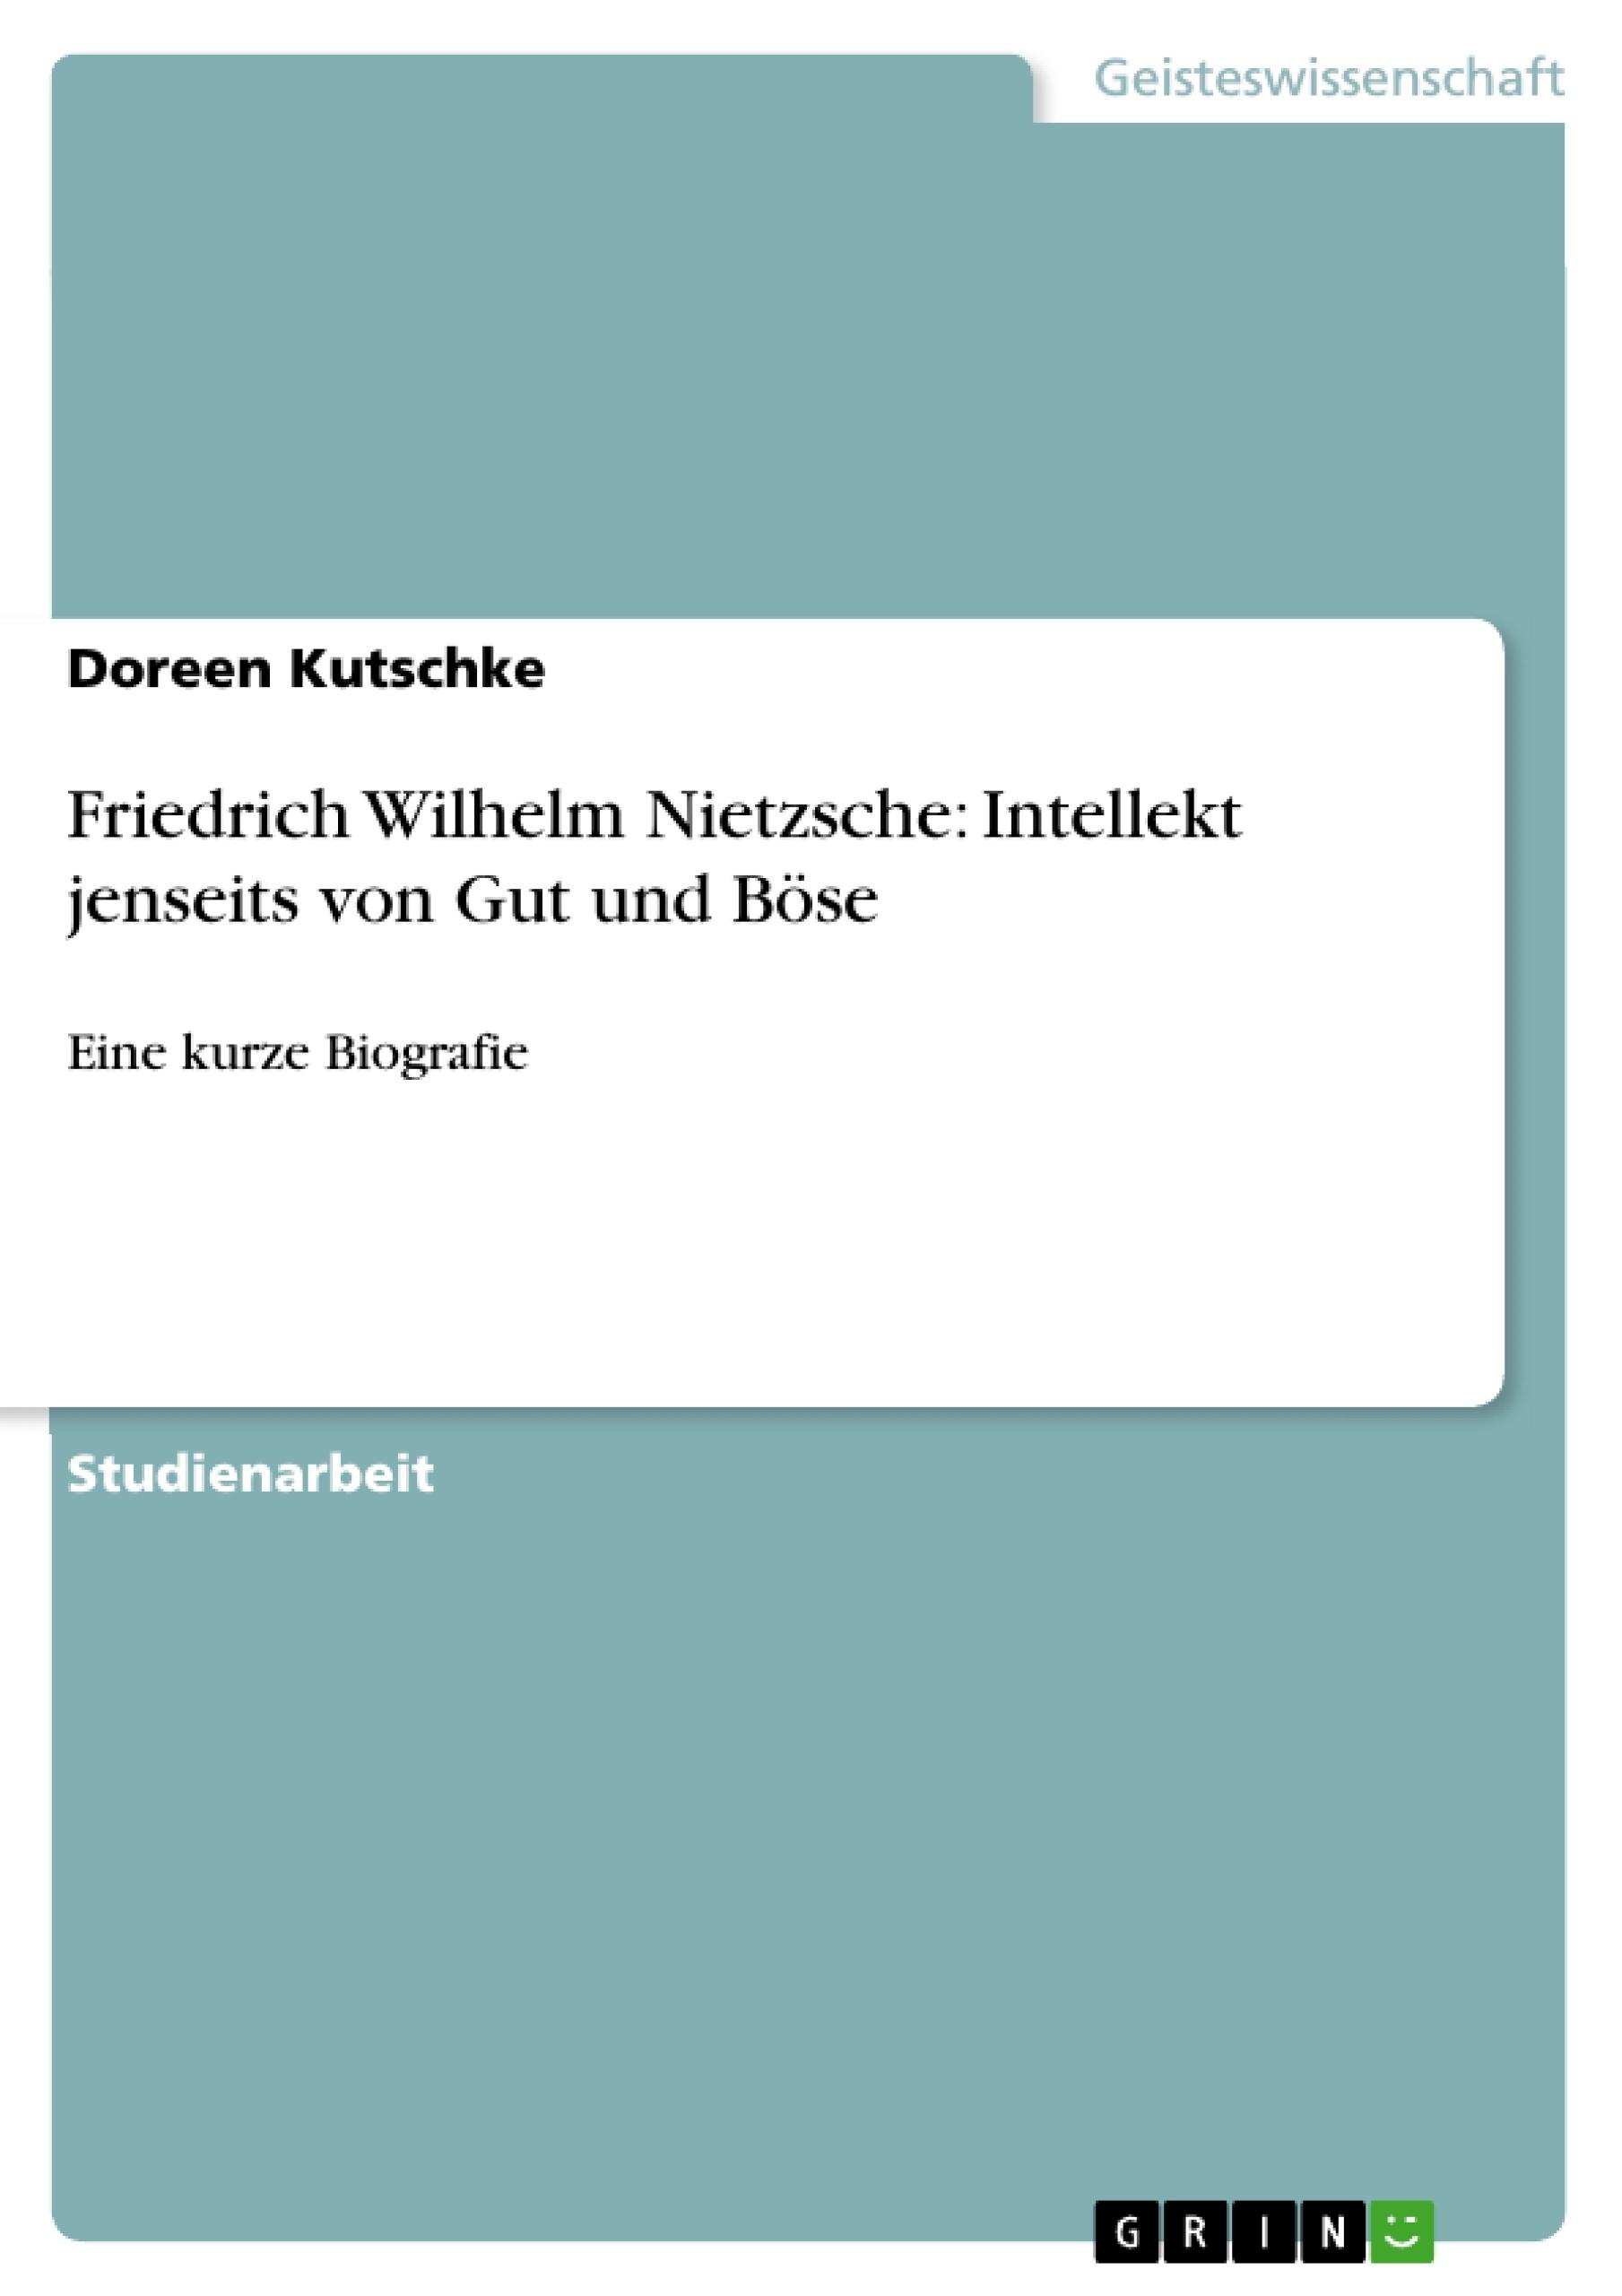 Titel: Friedrich Wilhelm Nietzsche: Intellekt jenseits von Gut und Böse